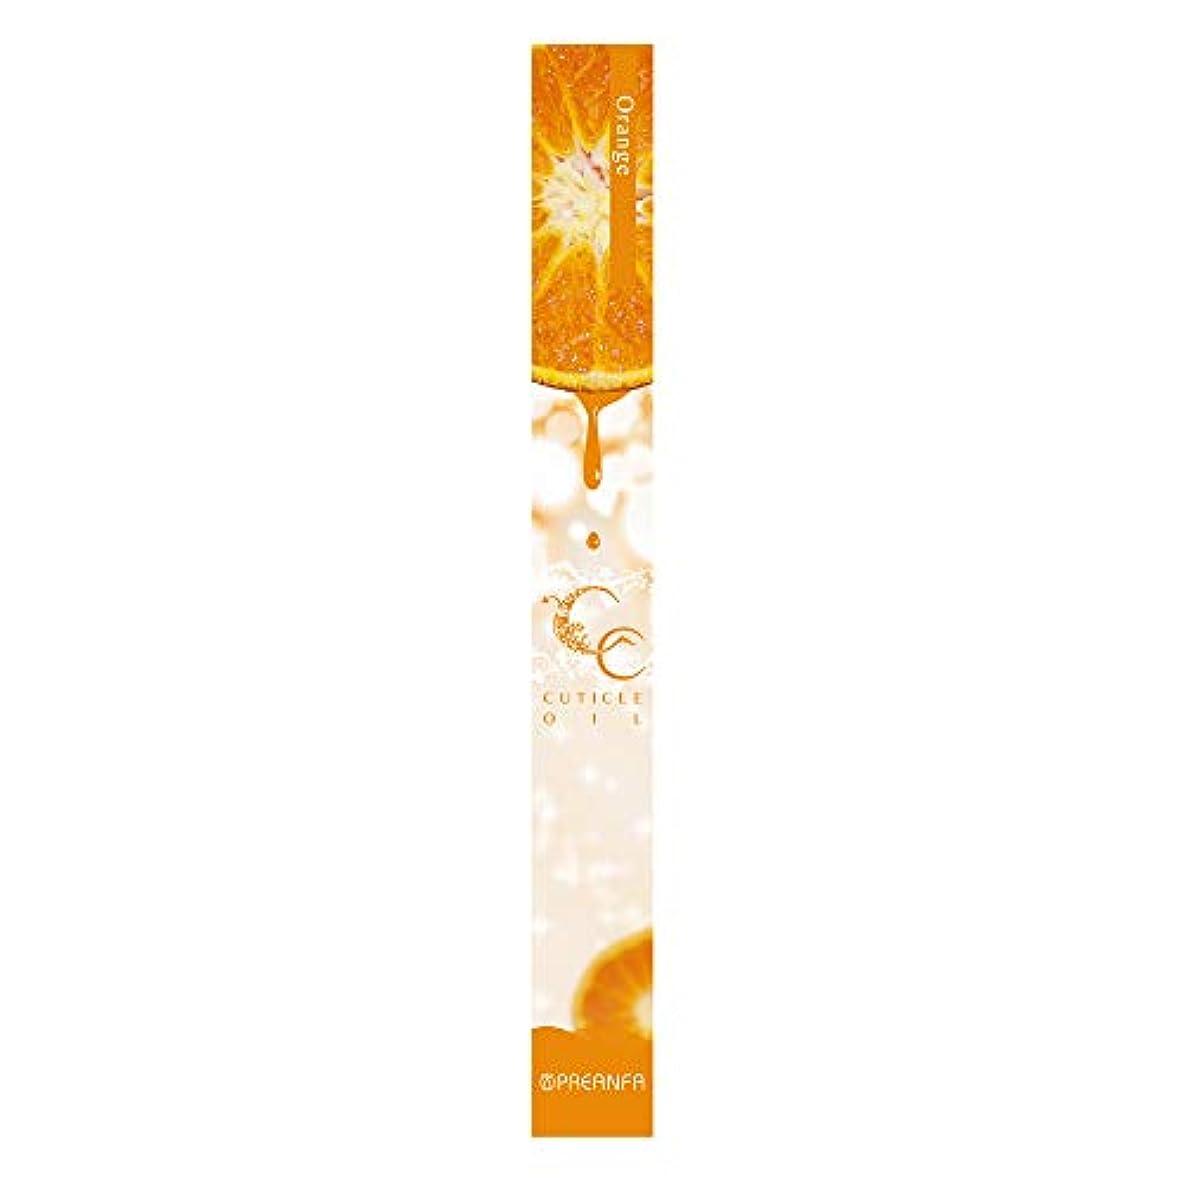 スペクトラム麻酔薬九月プリジェル 甘皮ケア CCキューティクルオイル オレンジ 4.5g 保湿オイル ペンタイプ